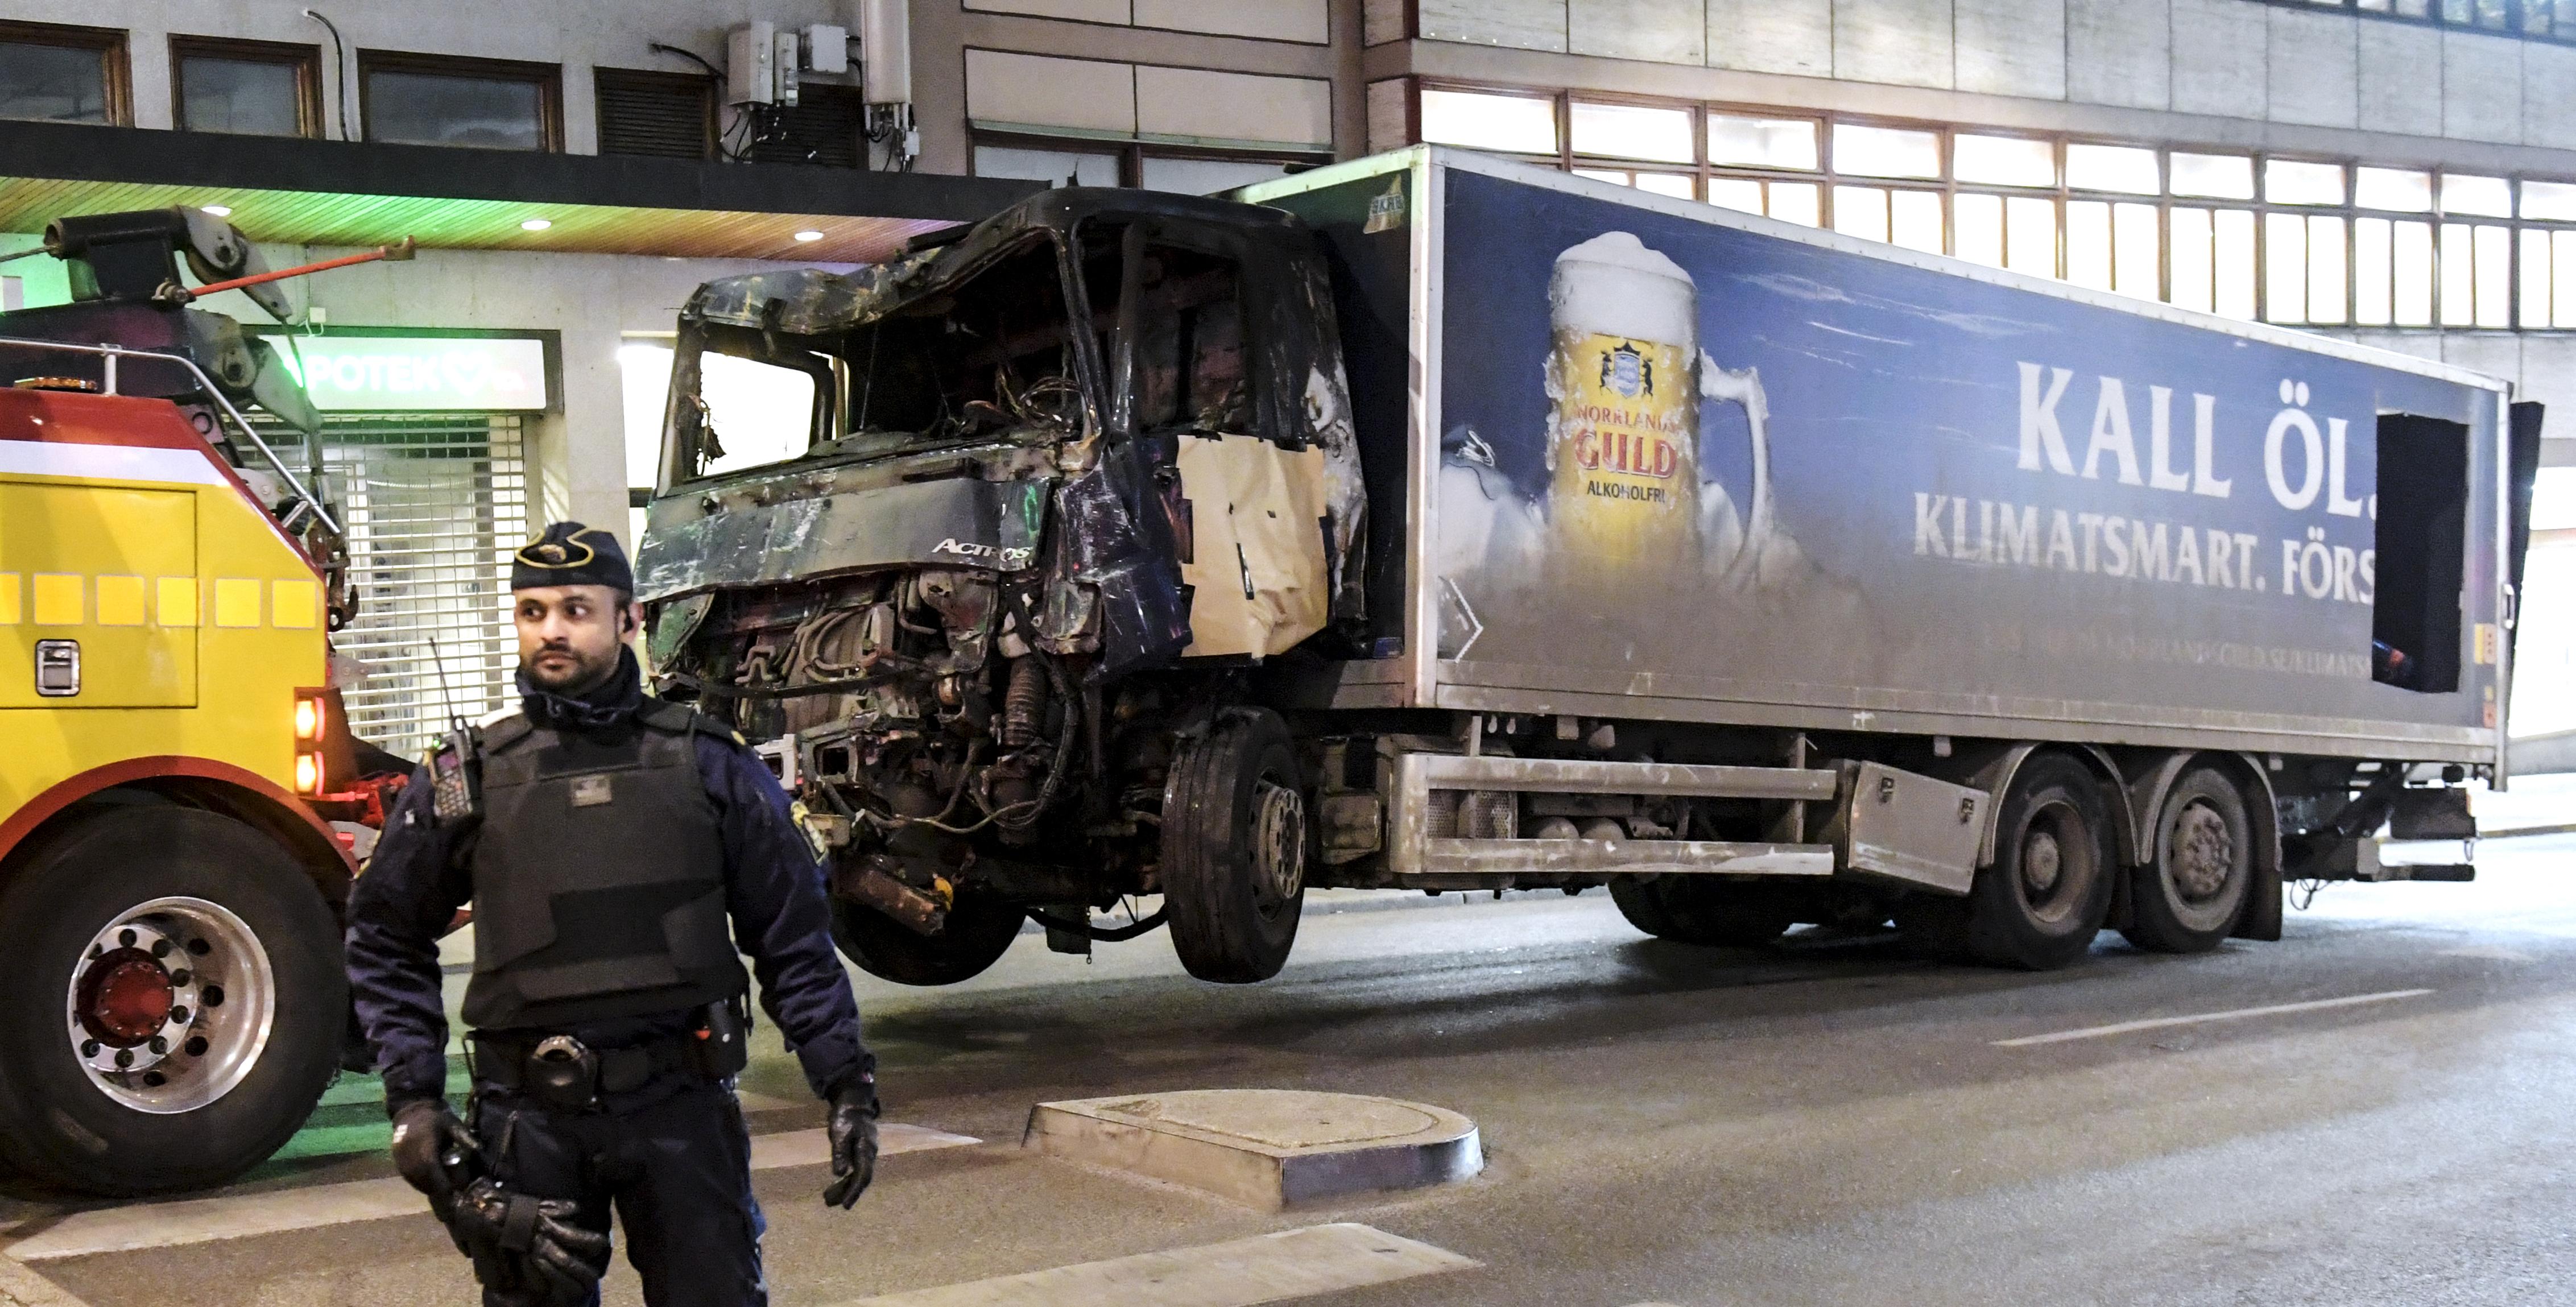 Ismerték a svéd biztonsági szolgálatok a kamionnal gyilkoló üzbég férfit